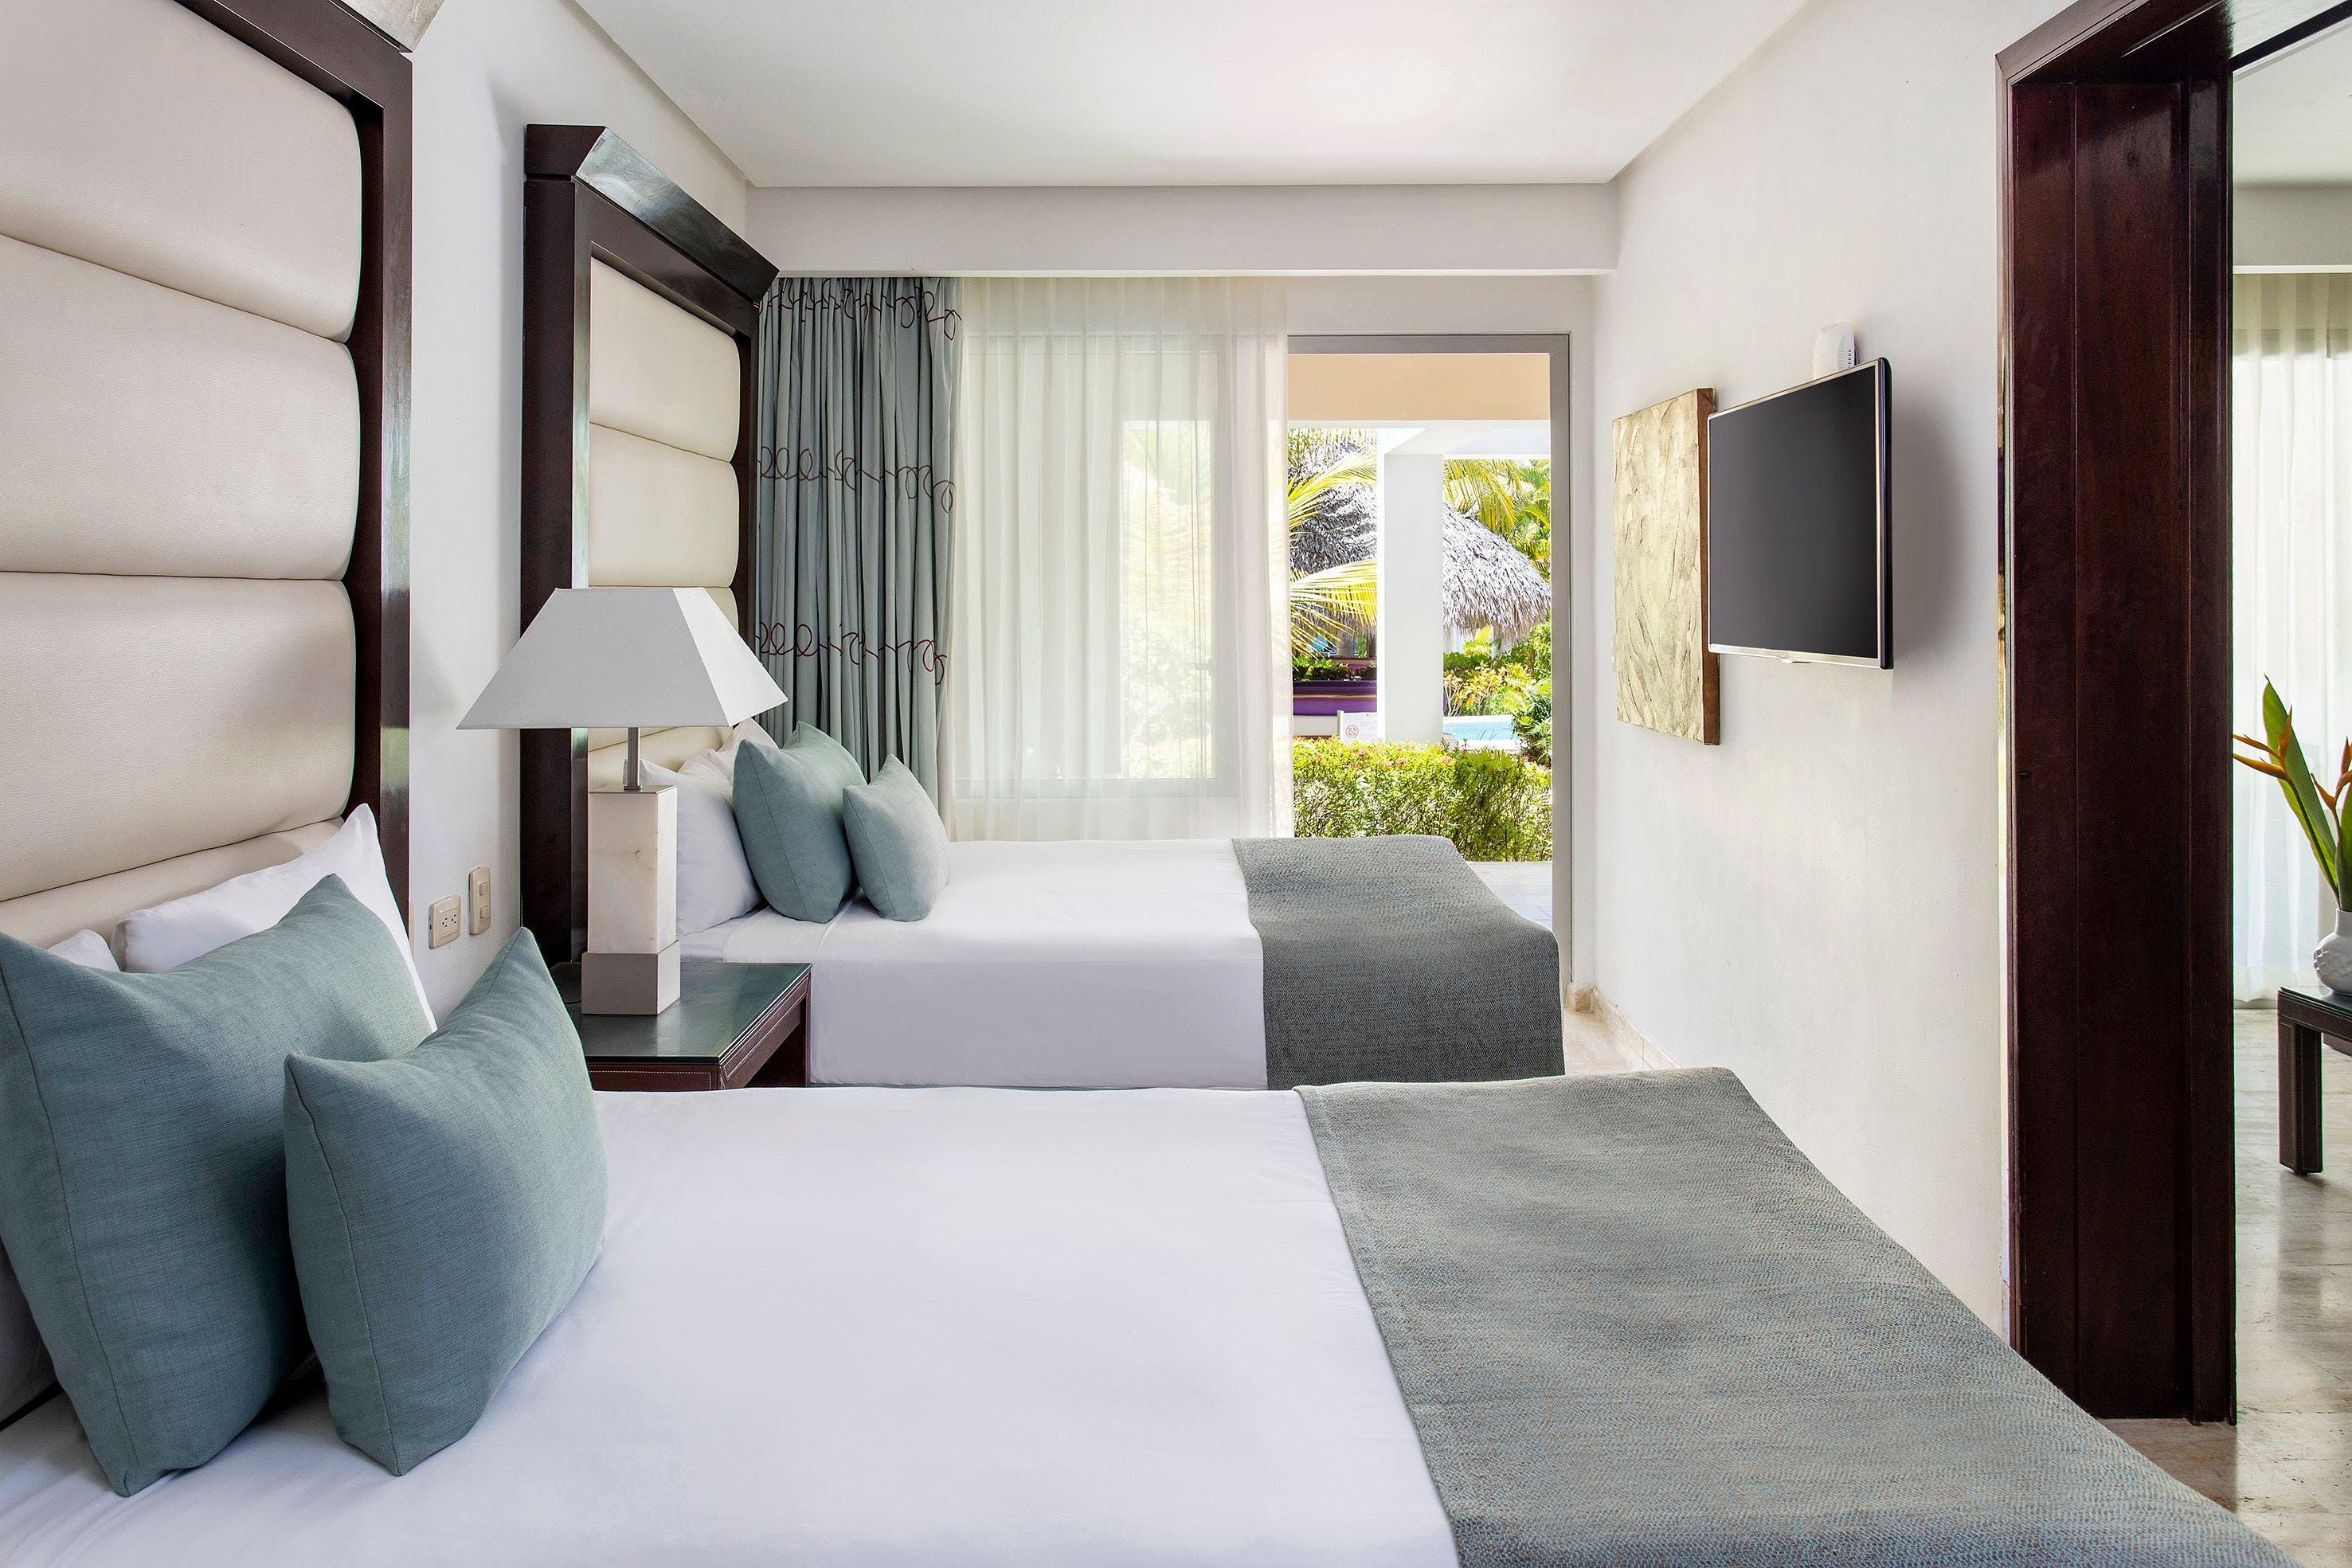 The Reserve at Paradisus Palma Real bedroom